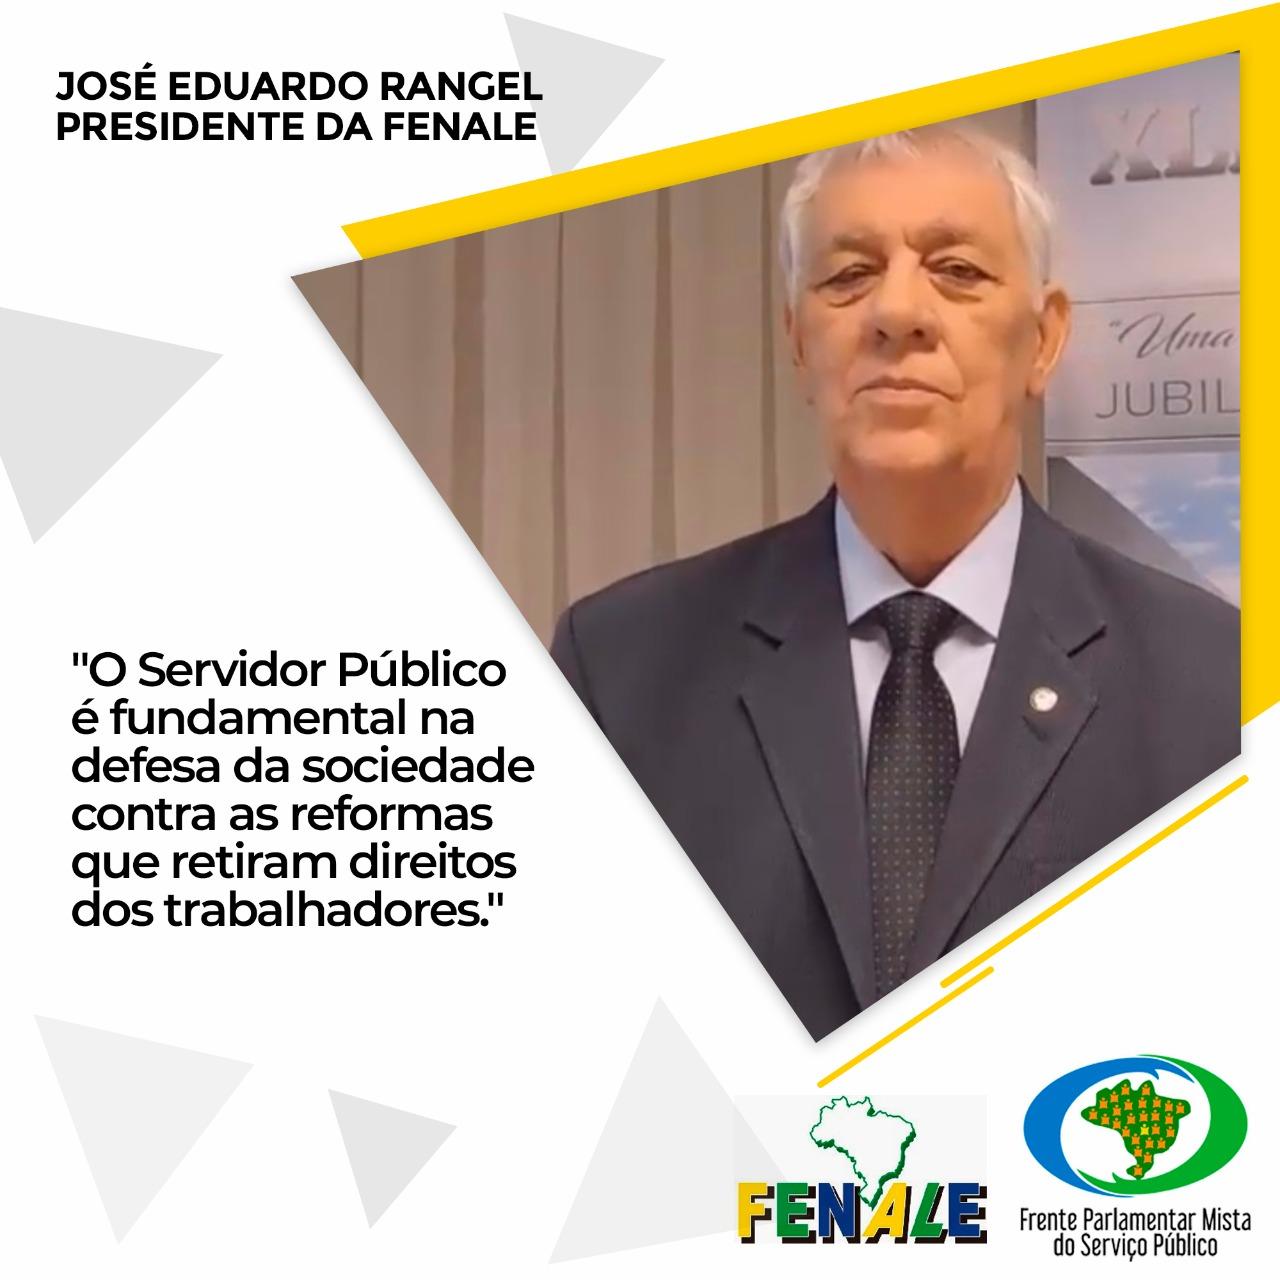 José Eduardo Rangel